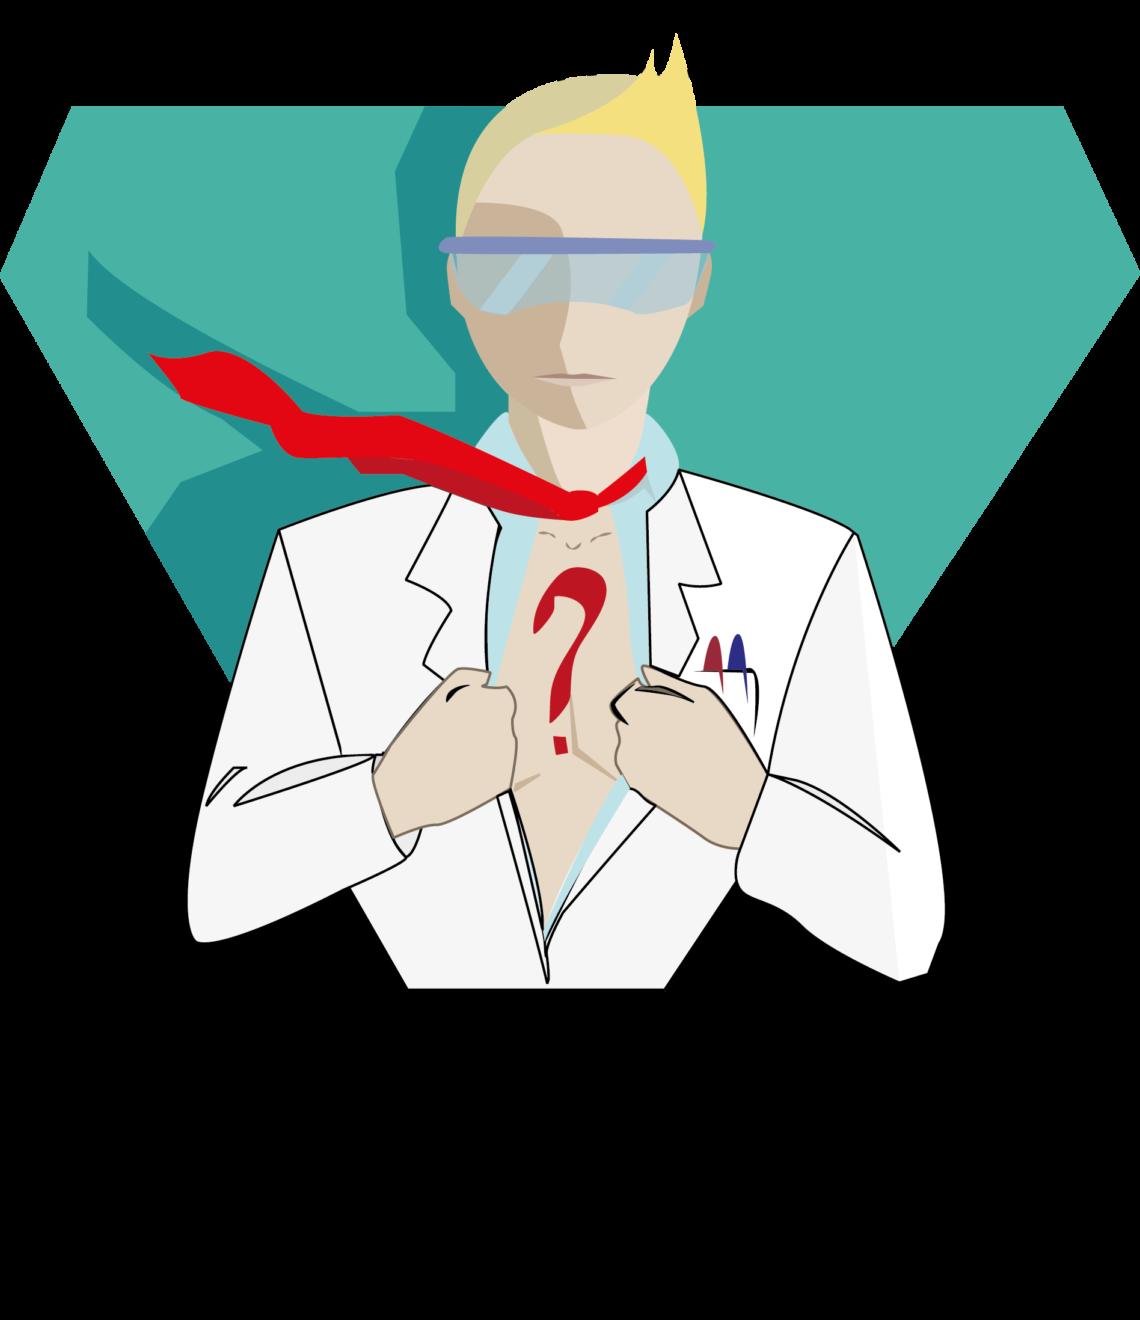 Les chercheurs se mettent à nu #4 – Avant-première